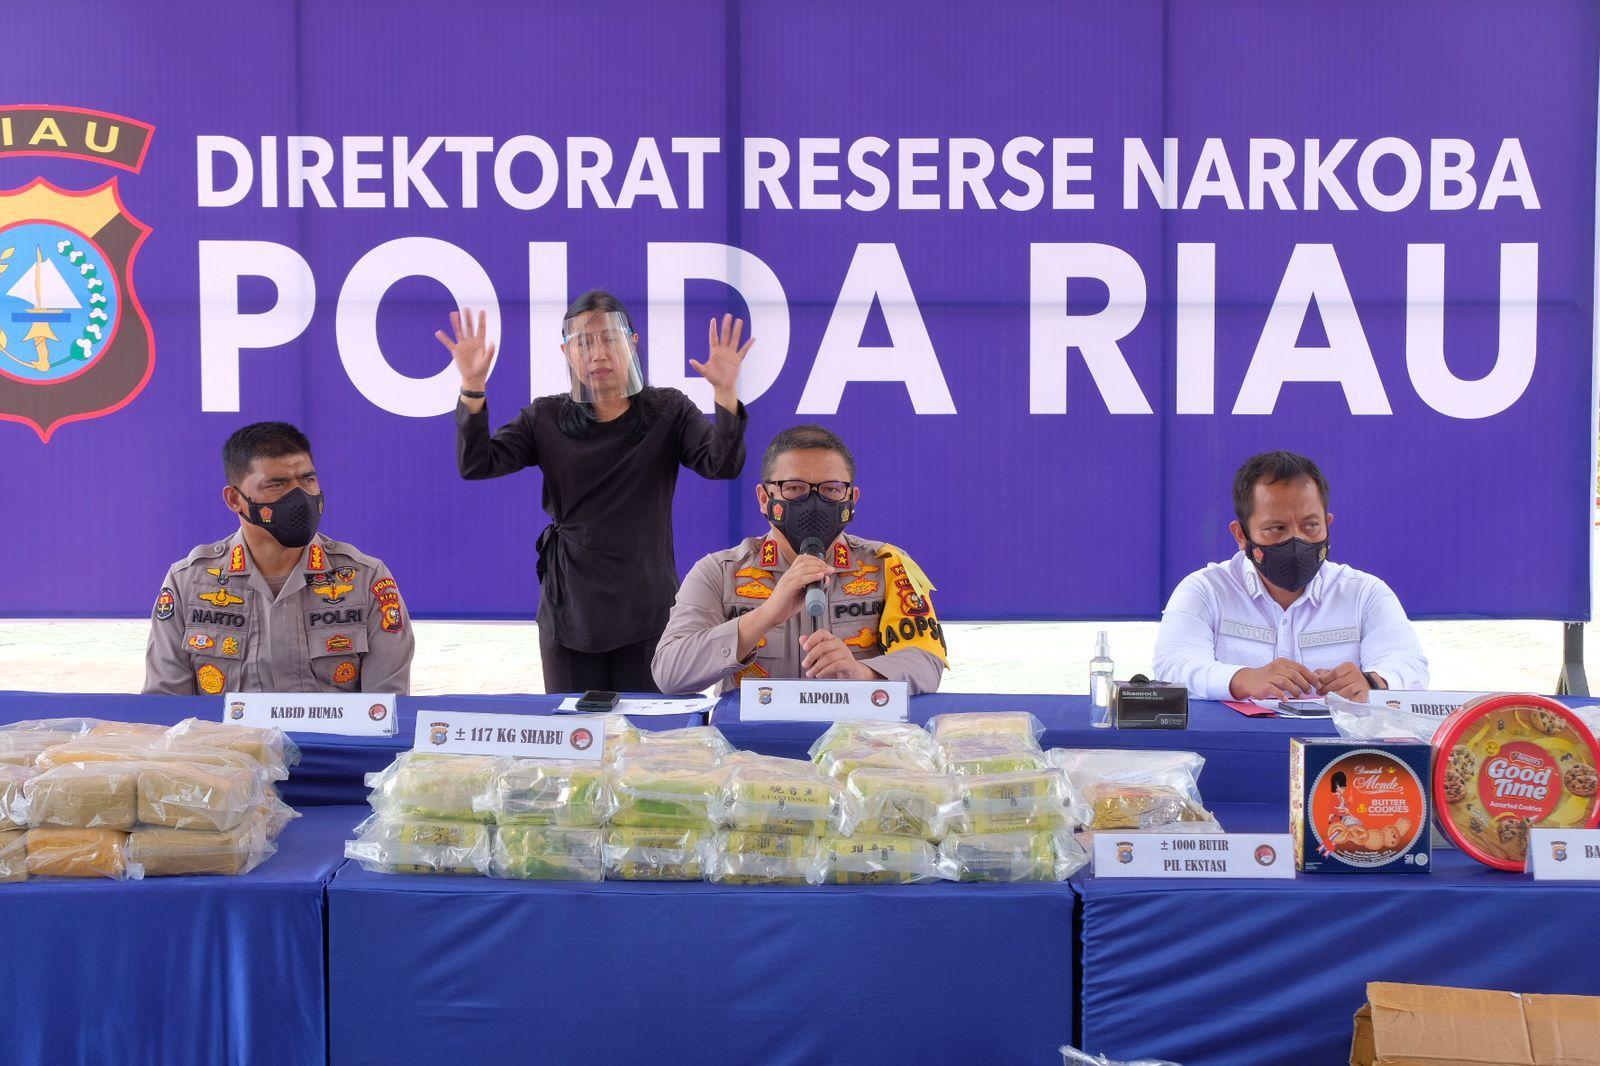 Polda Riau dan jajaran serta instansi terkait berhasil menggagalkan peredaran narkotika sebanyak 117 kilogram sabu dan 1.000 pil ekstasi dari 7 jaringan Malaysia